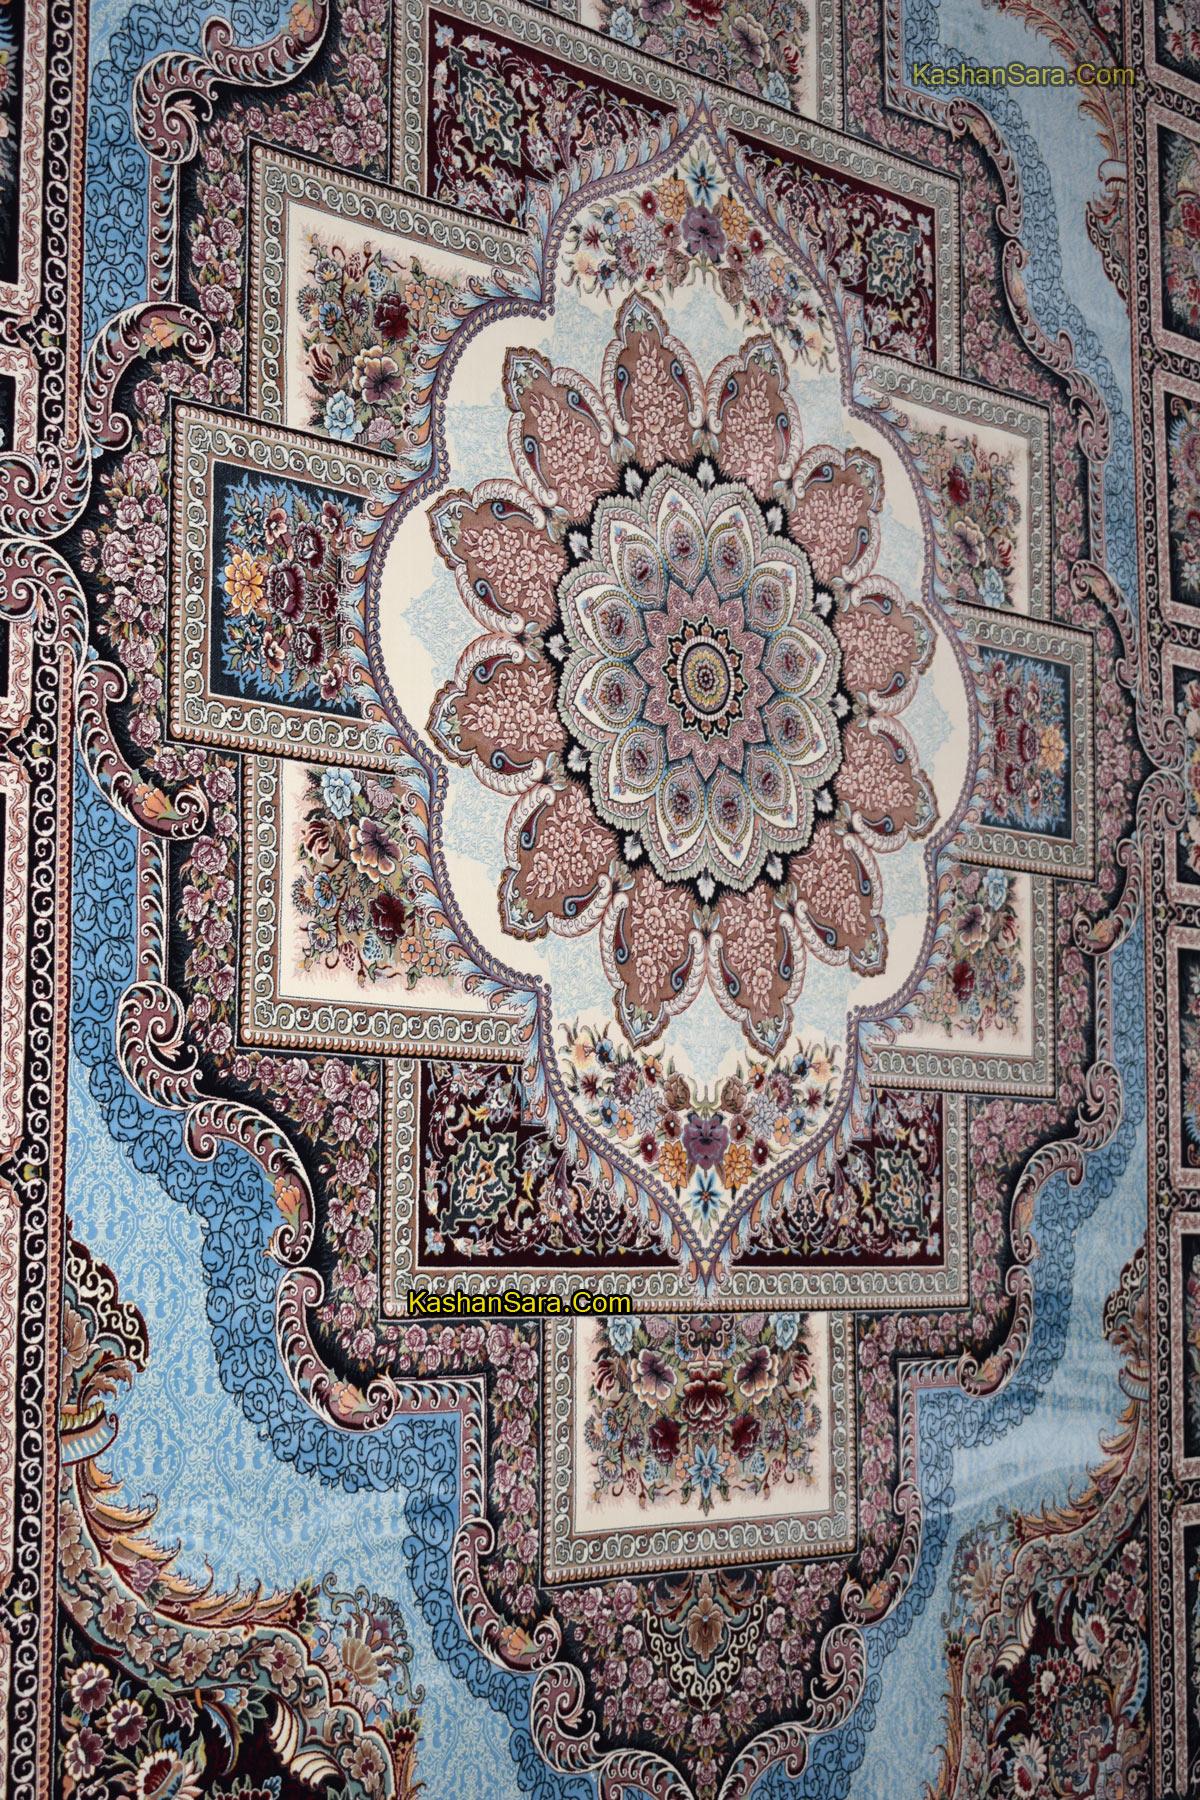 قیمت فرش ۱۲۰۰ حوض نقره